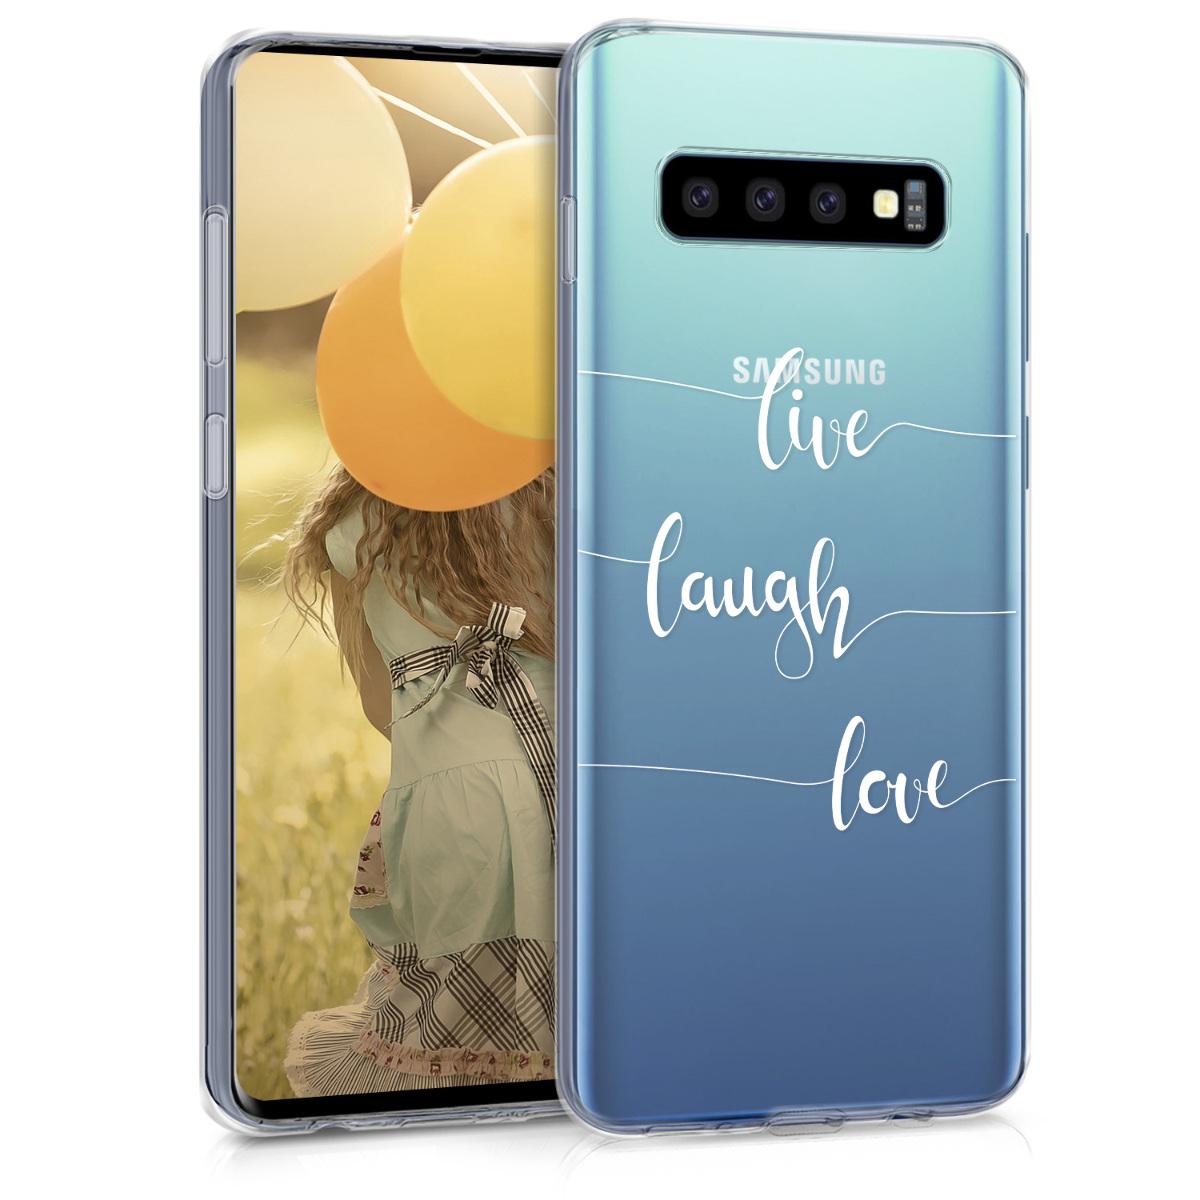 Silikonové pouzdro / obal for Samsung Galaxy S10